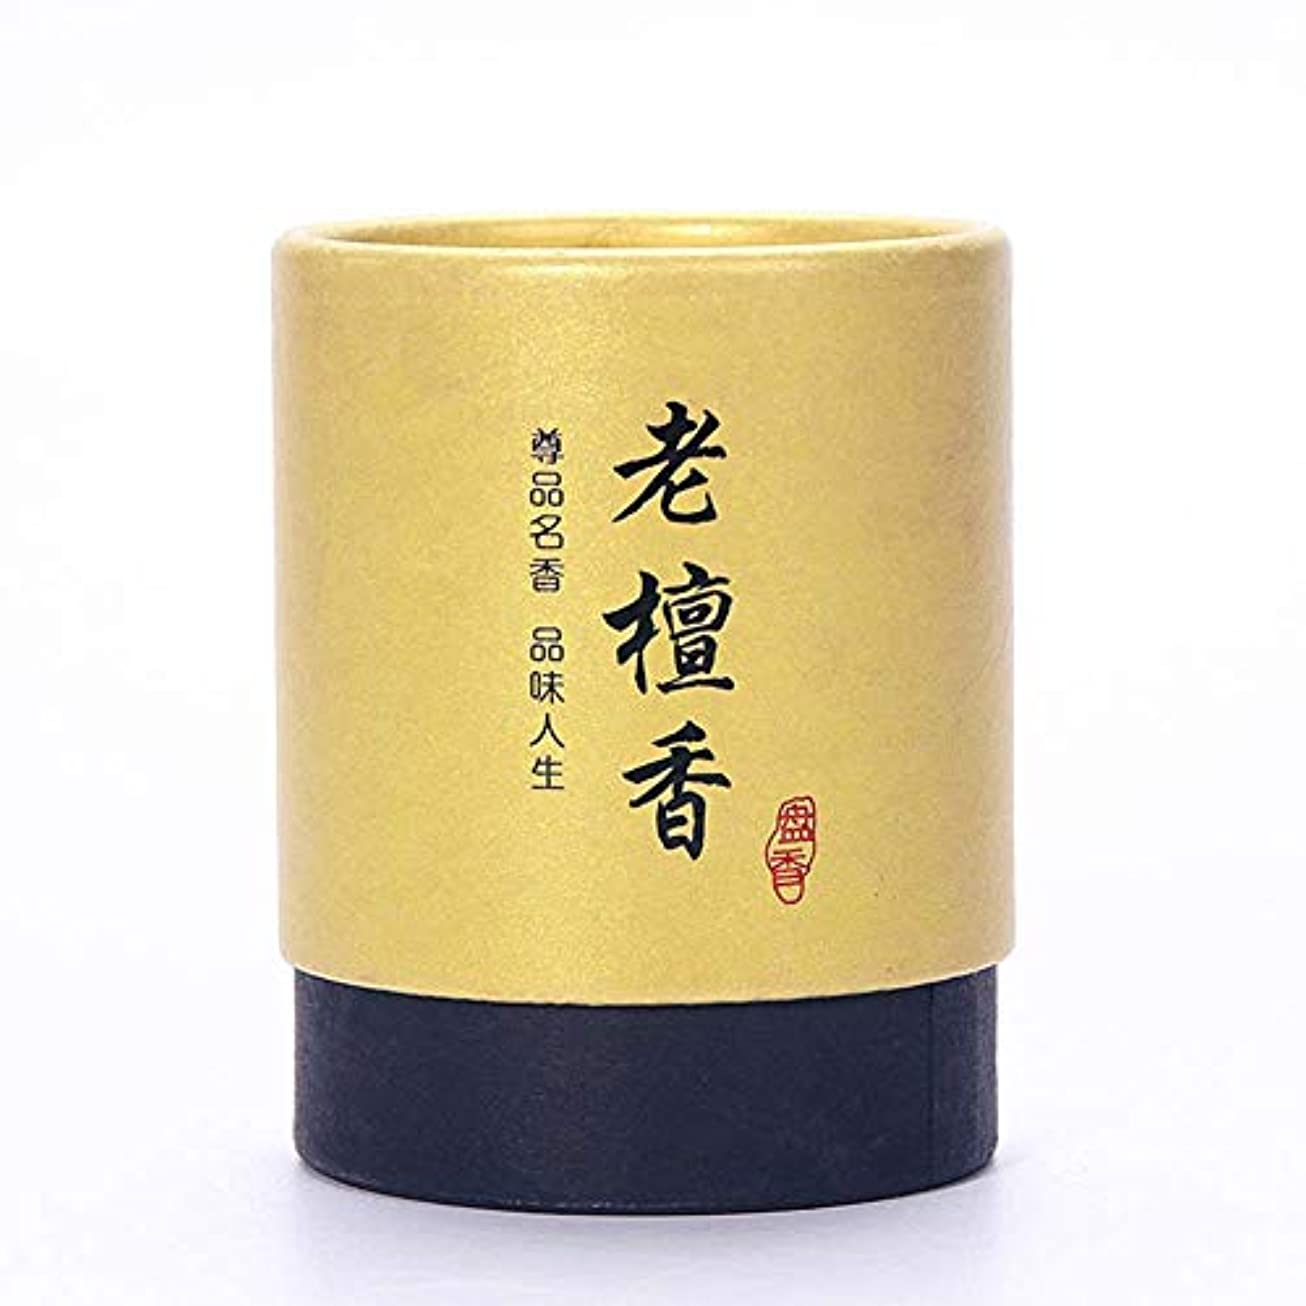 配分鎮痛剤繁雑HwaGui お香 ビャクダン 2時間 盤香 渦巻き線香 優しい香り 48巻入 (老い檀香)